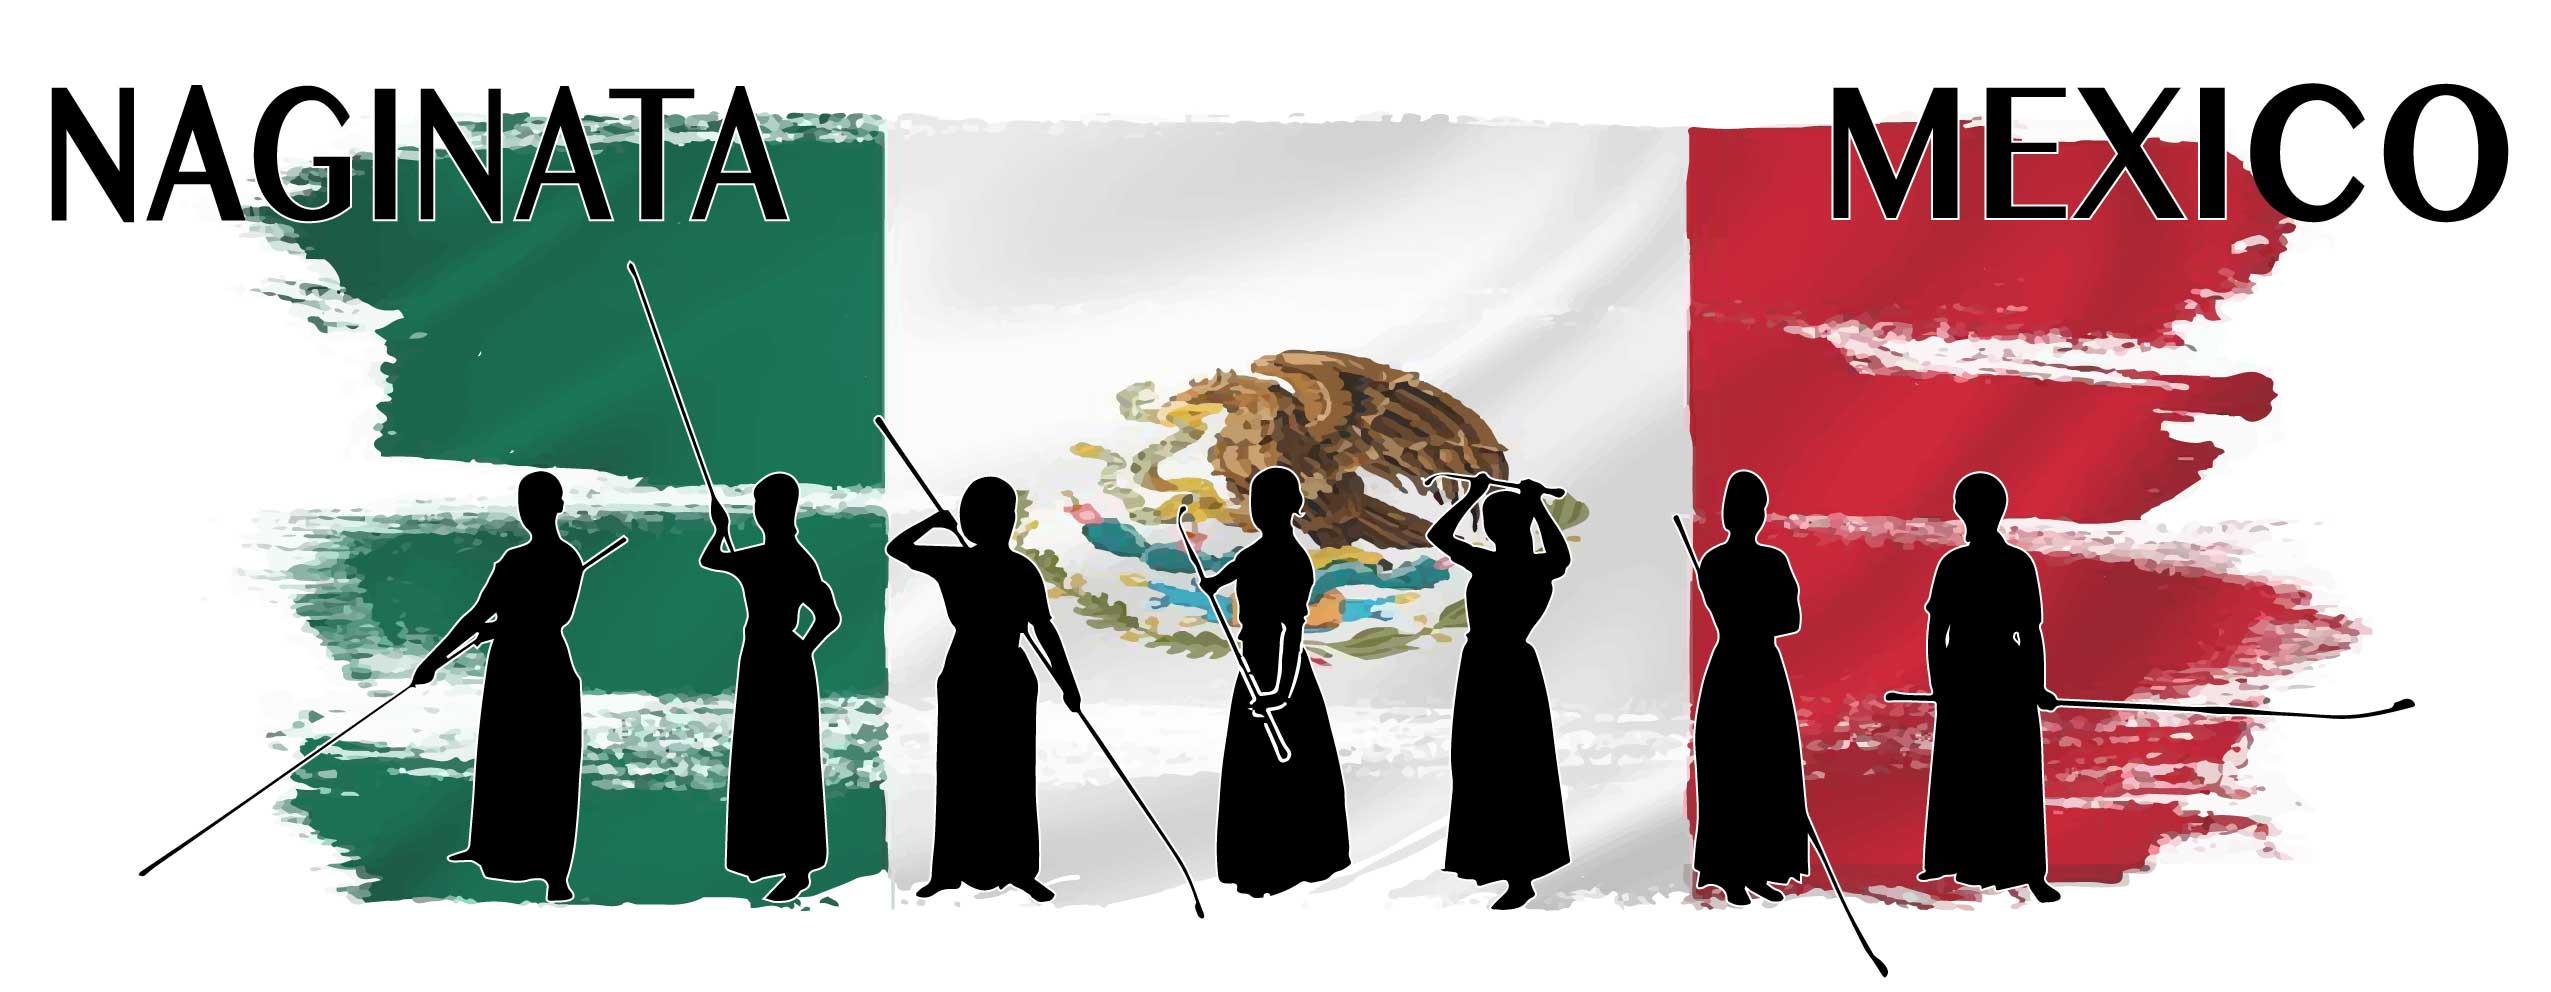 Naginata Mexico